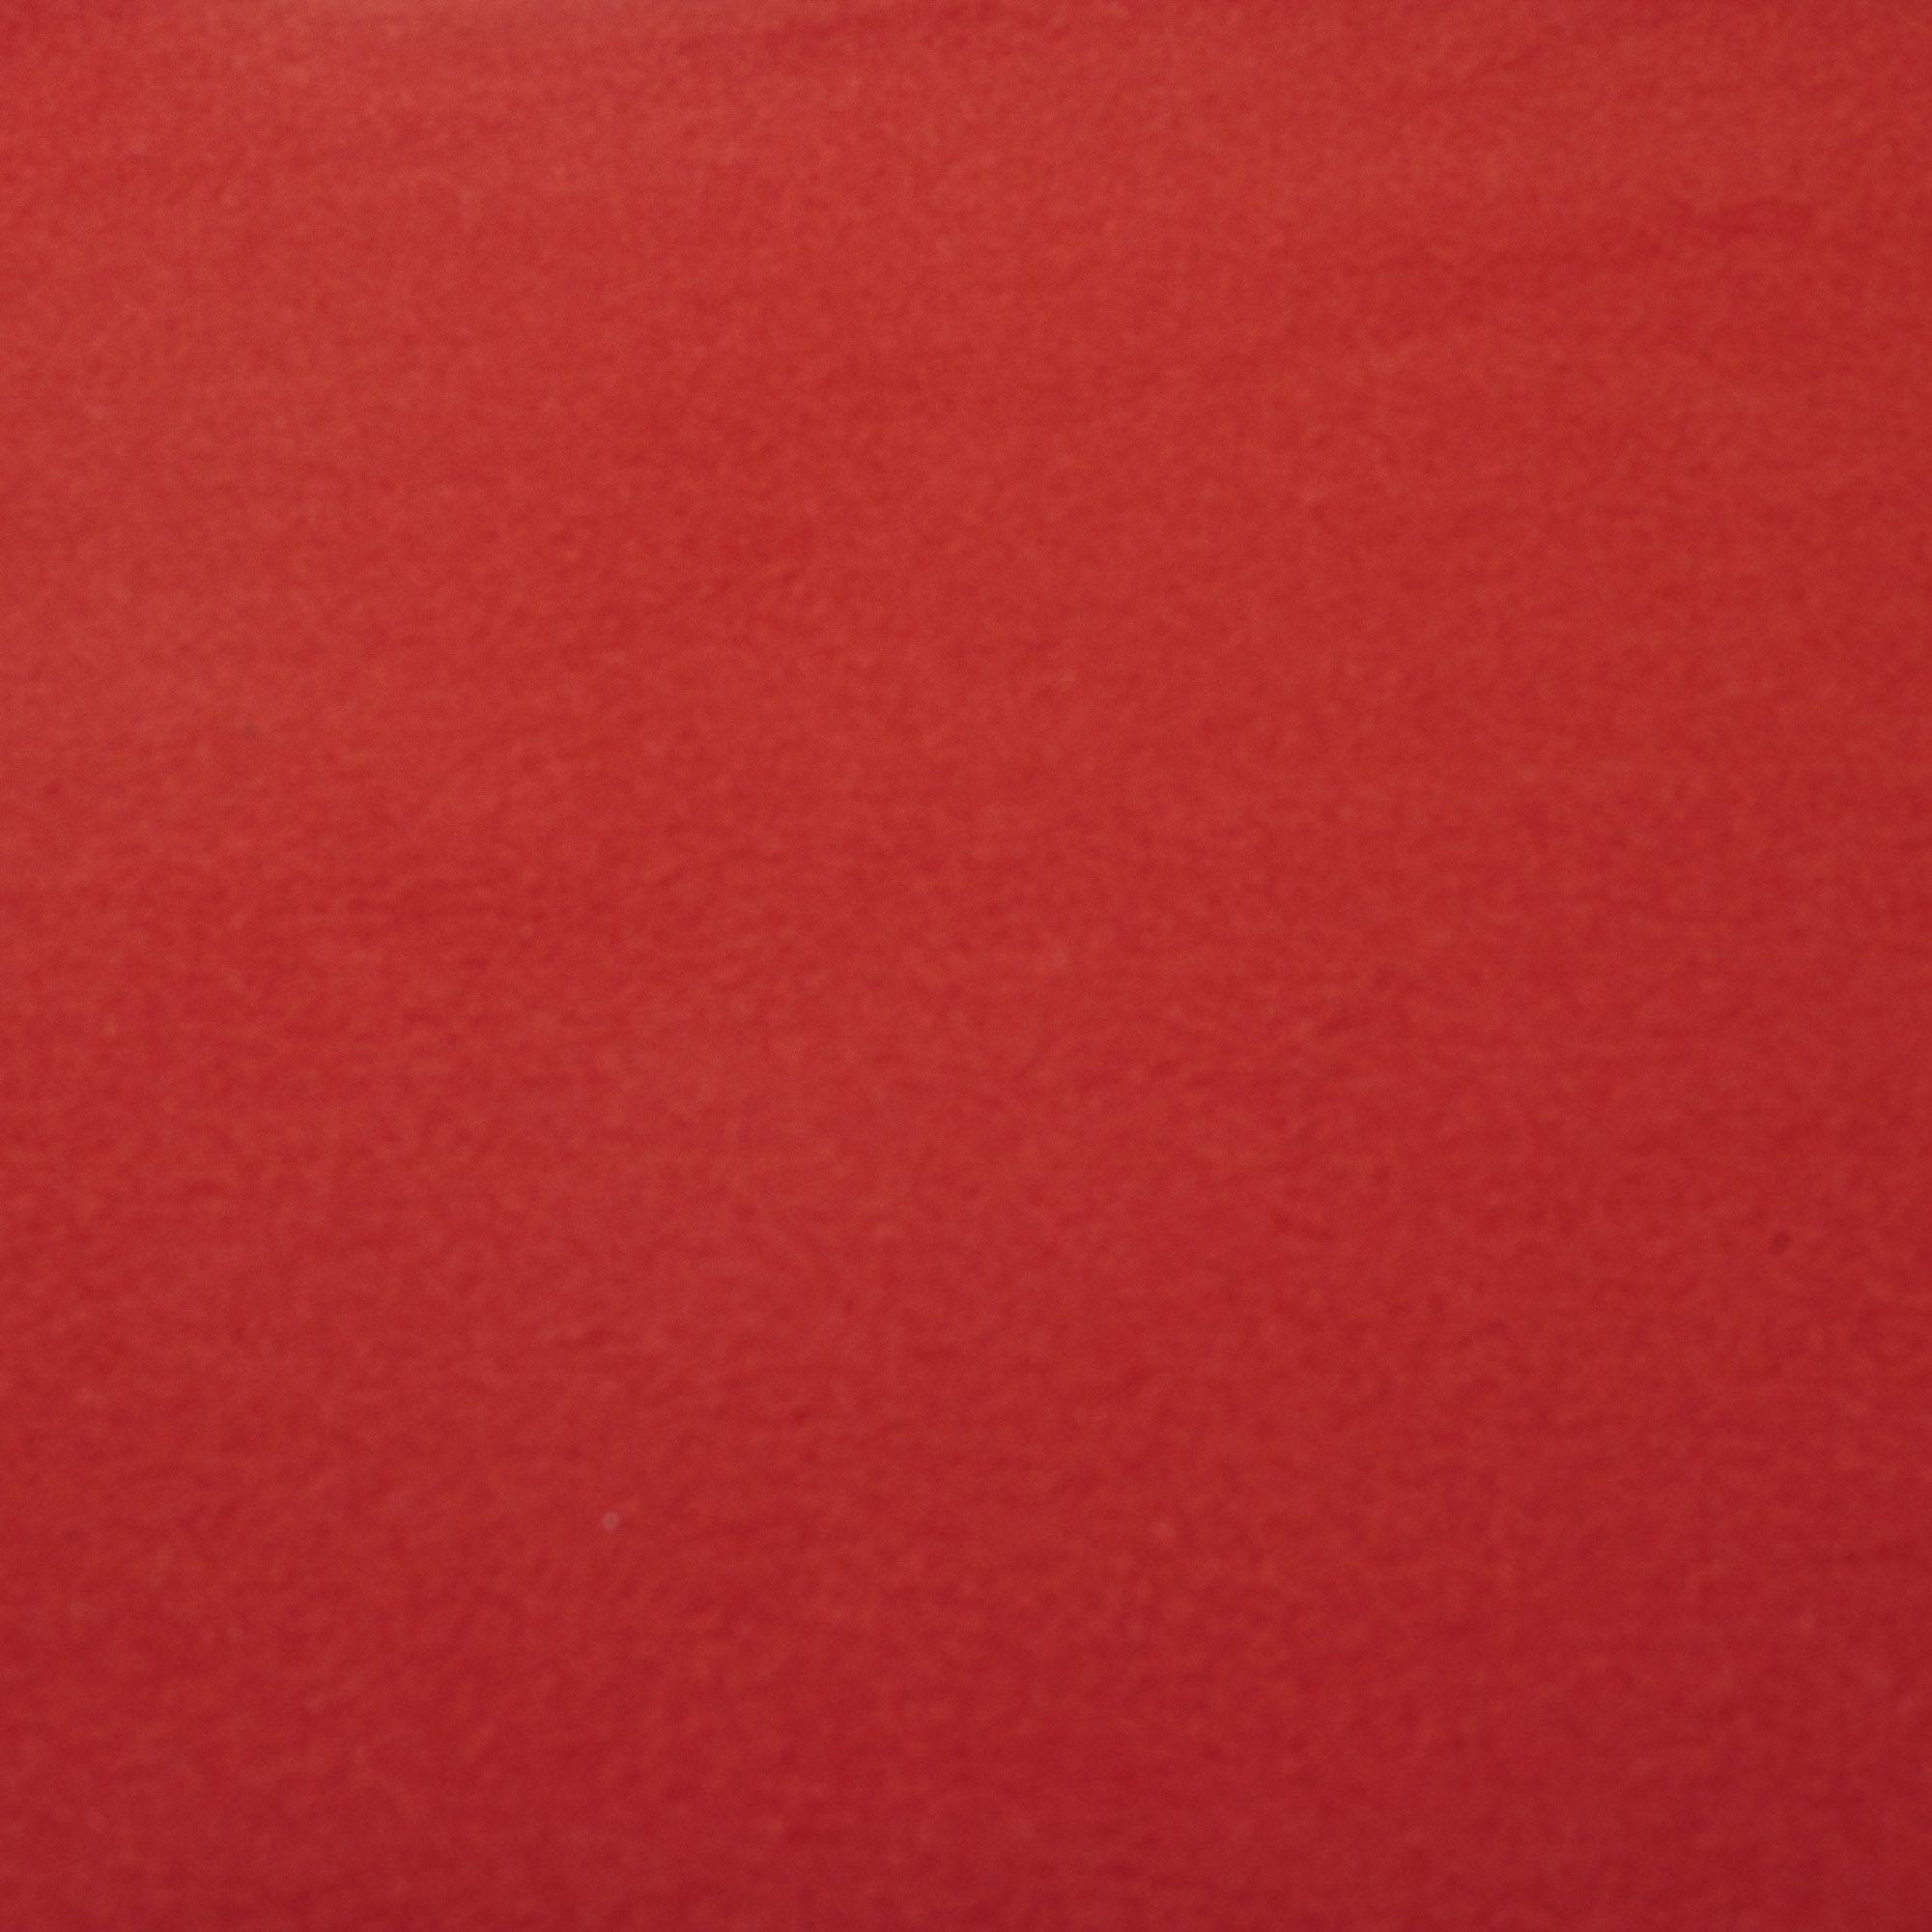 Tecido Moletom Vermelho Tomate 100% Poliester 1,20 m Largura